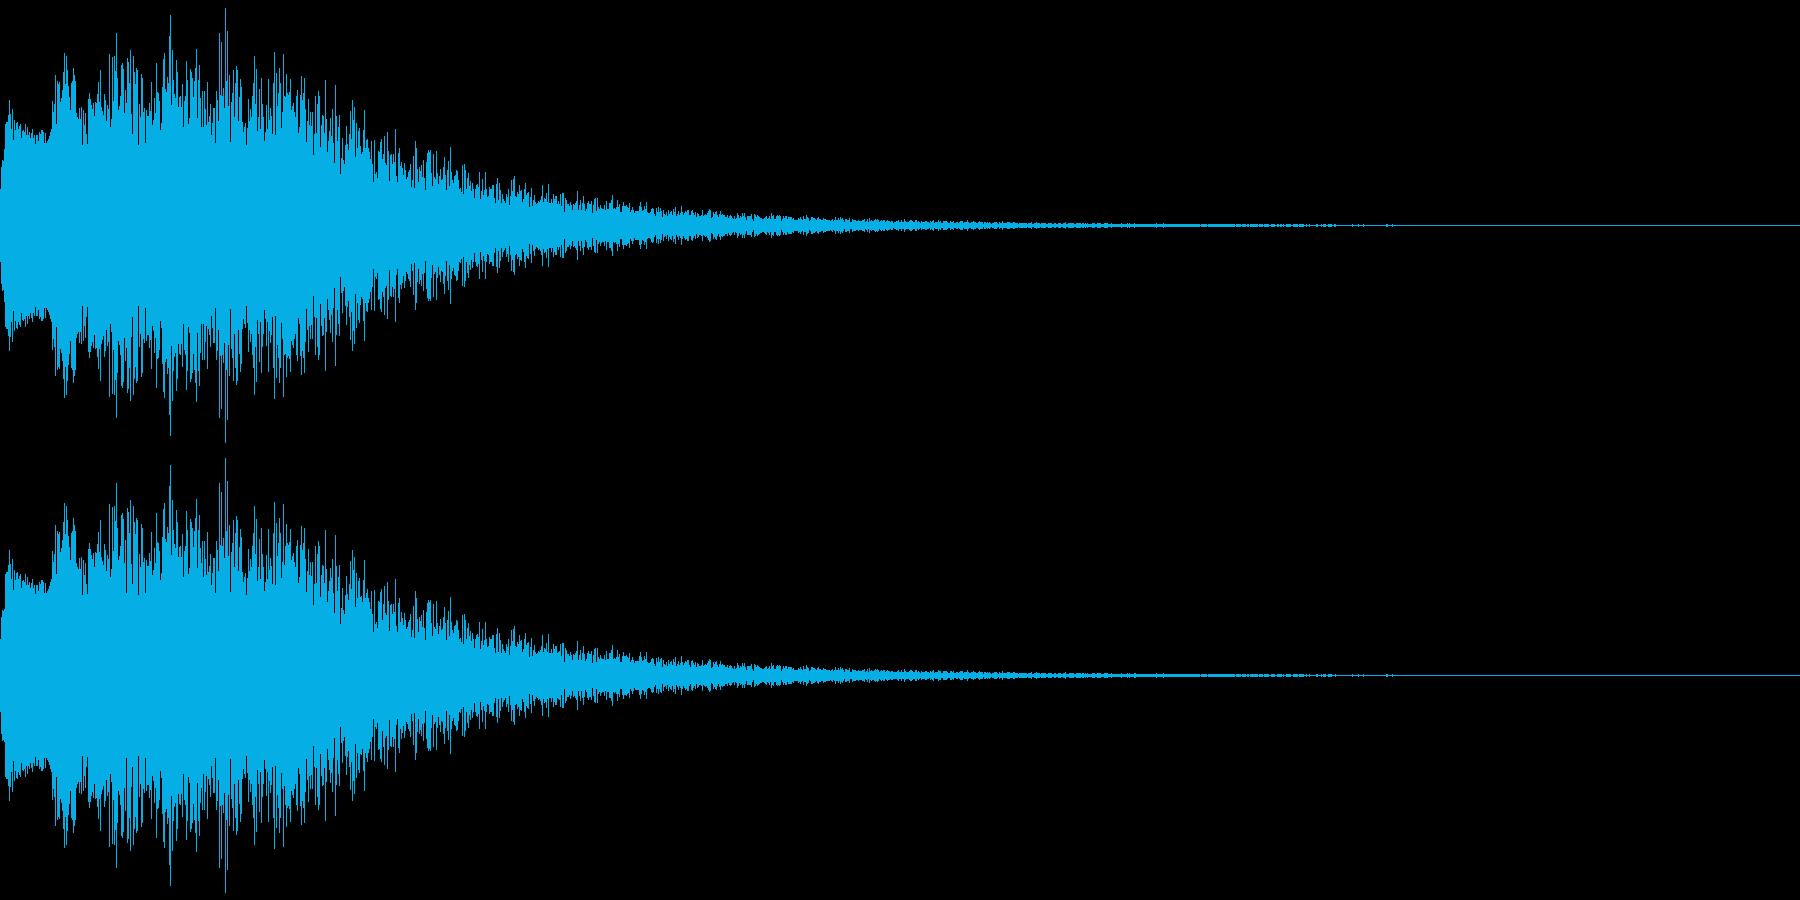 FM音源で作ったベル音の再生済みの波形